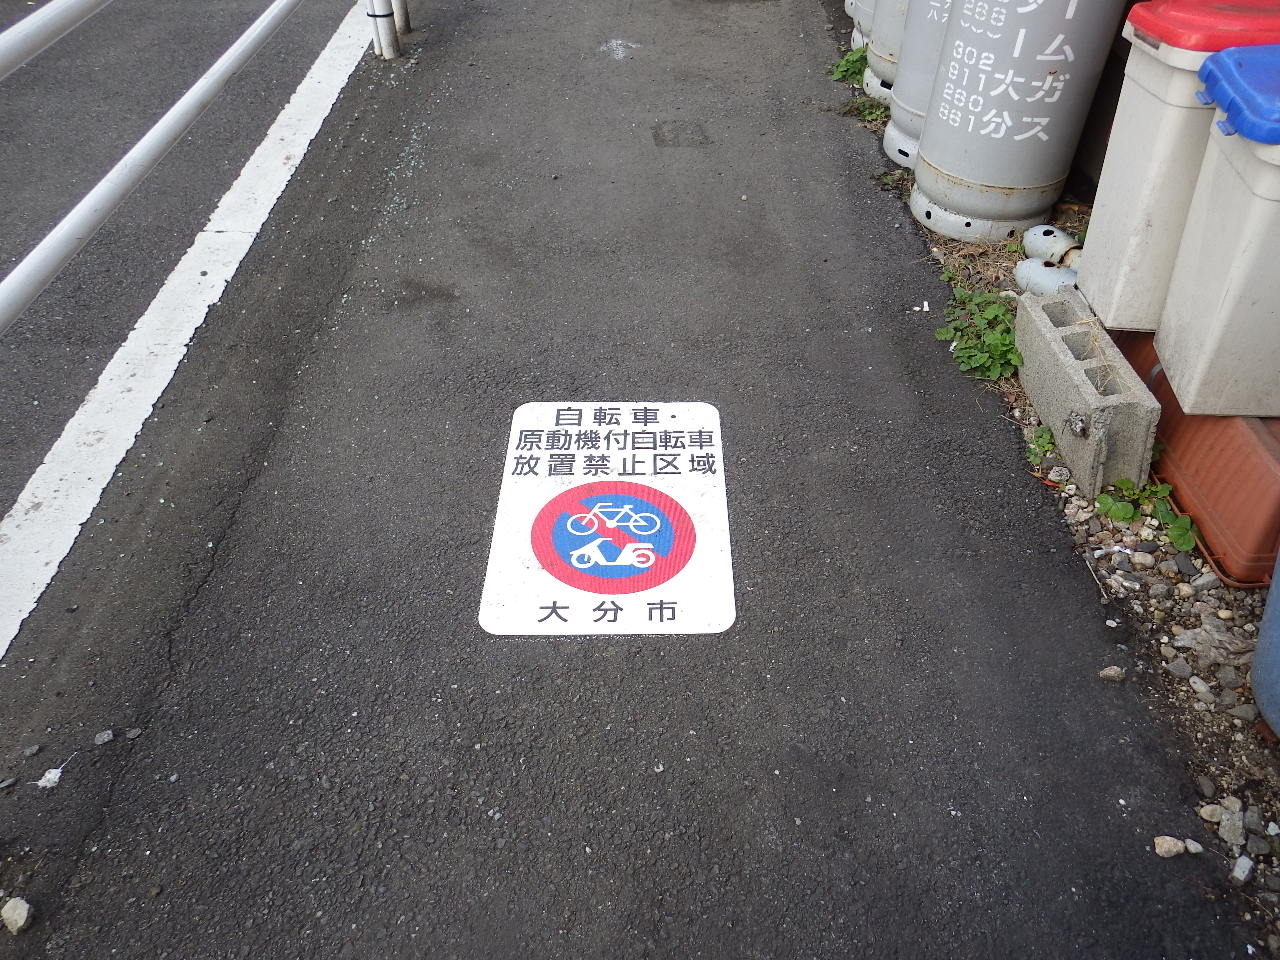 自転車・原動機付自転車放置禁止区域